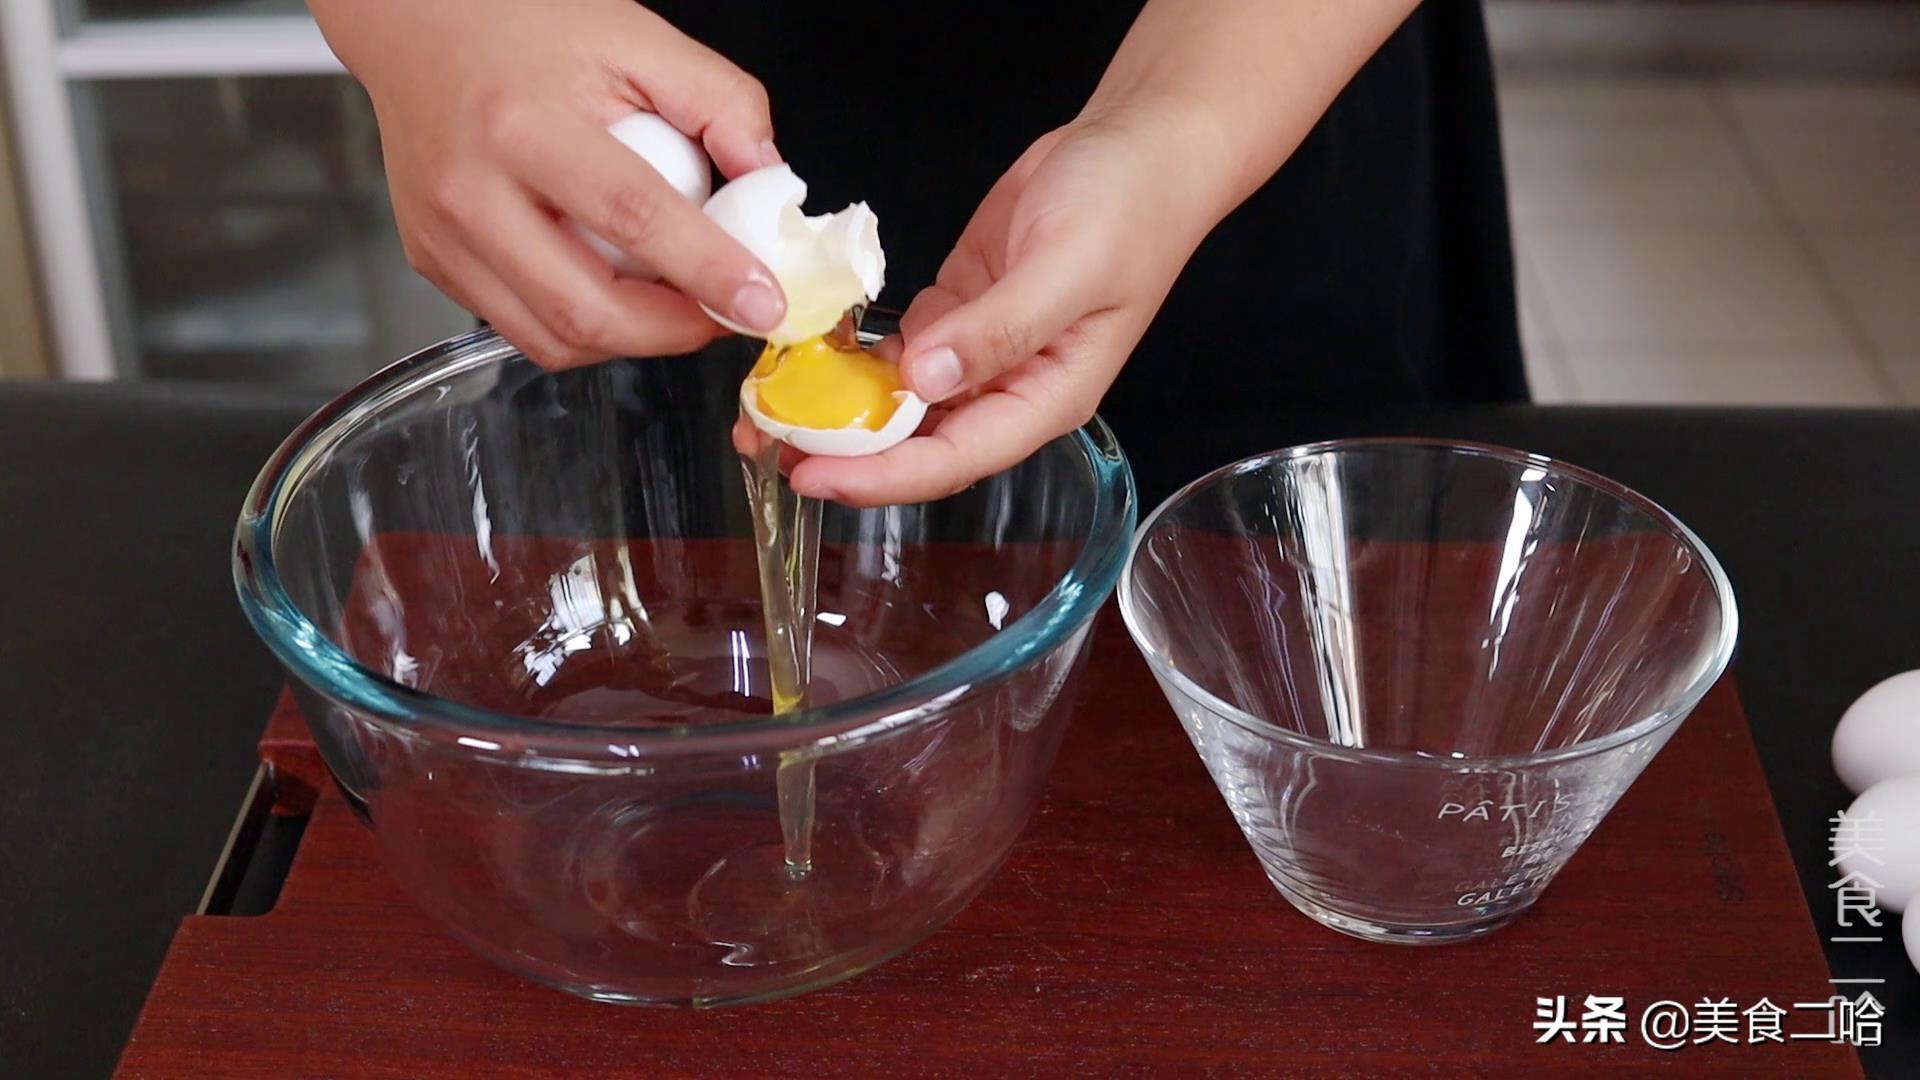 鸡蛋这个做法你可能没吃过,简单1变做成传统小吃,比云朵还要软 美食做法 第3张